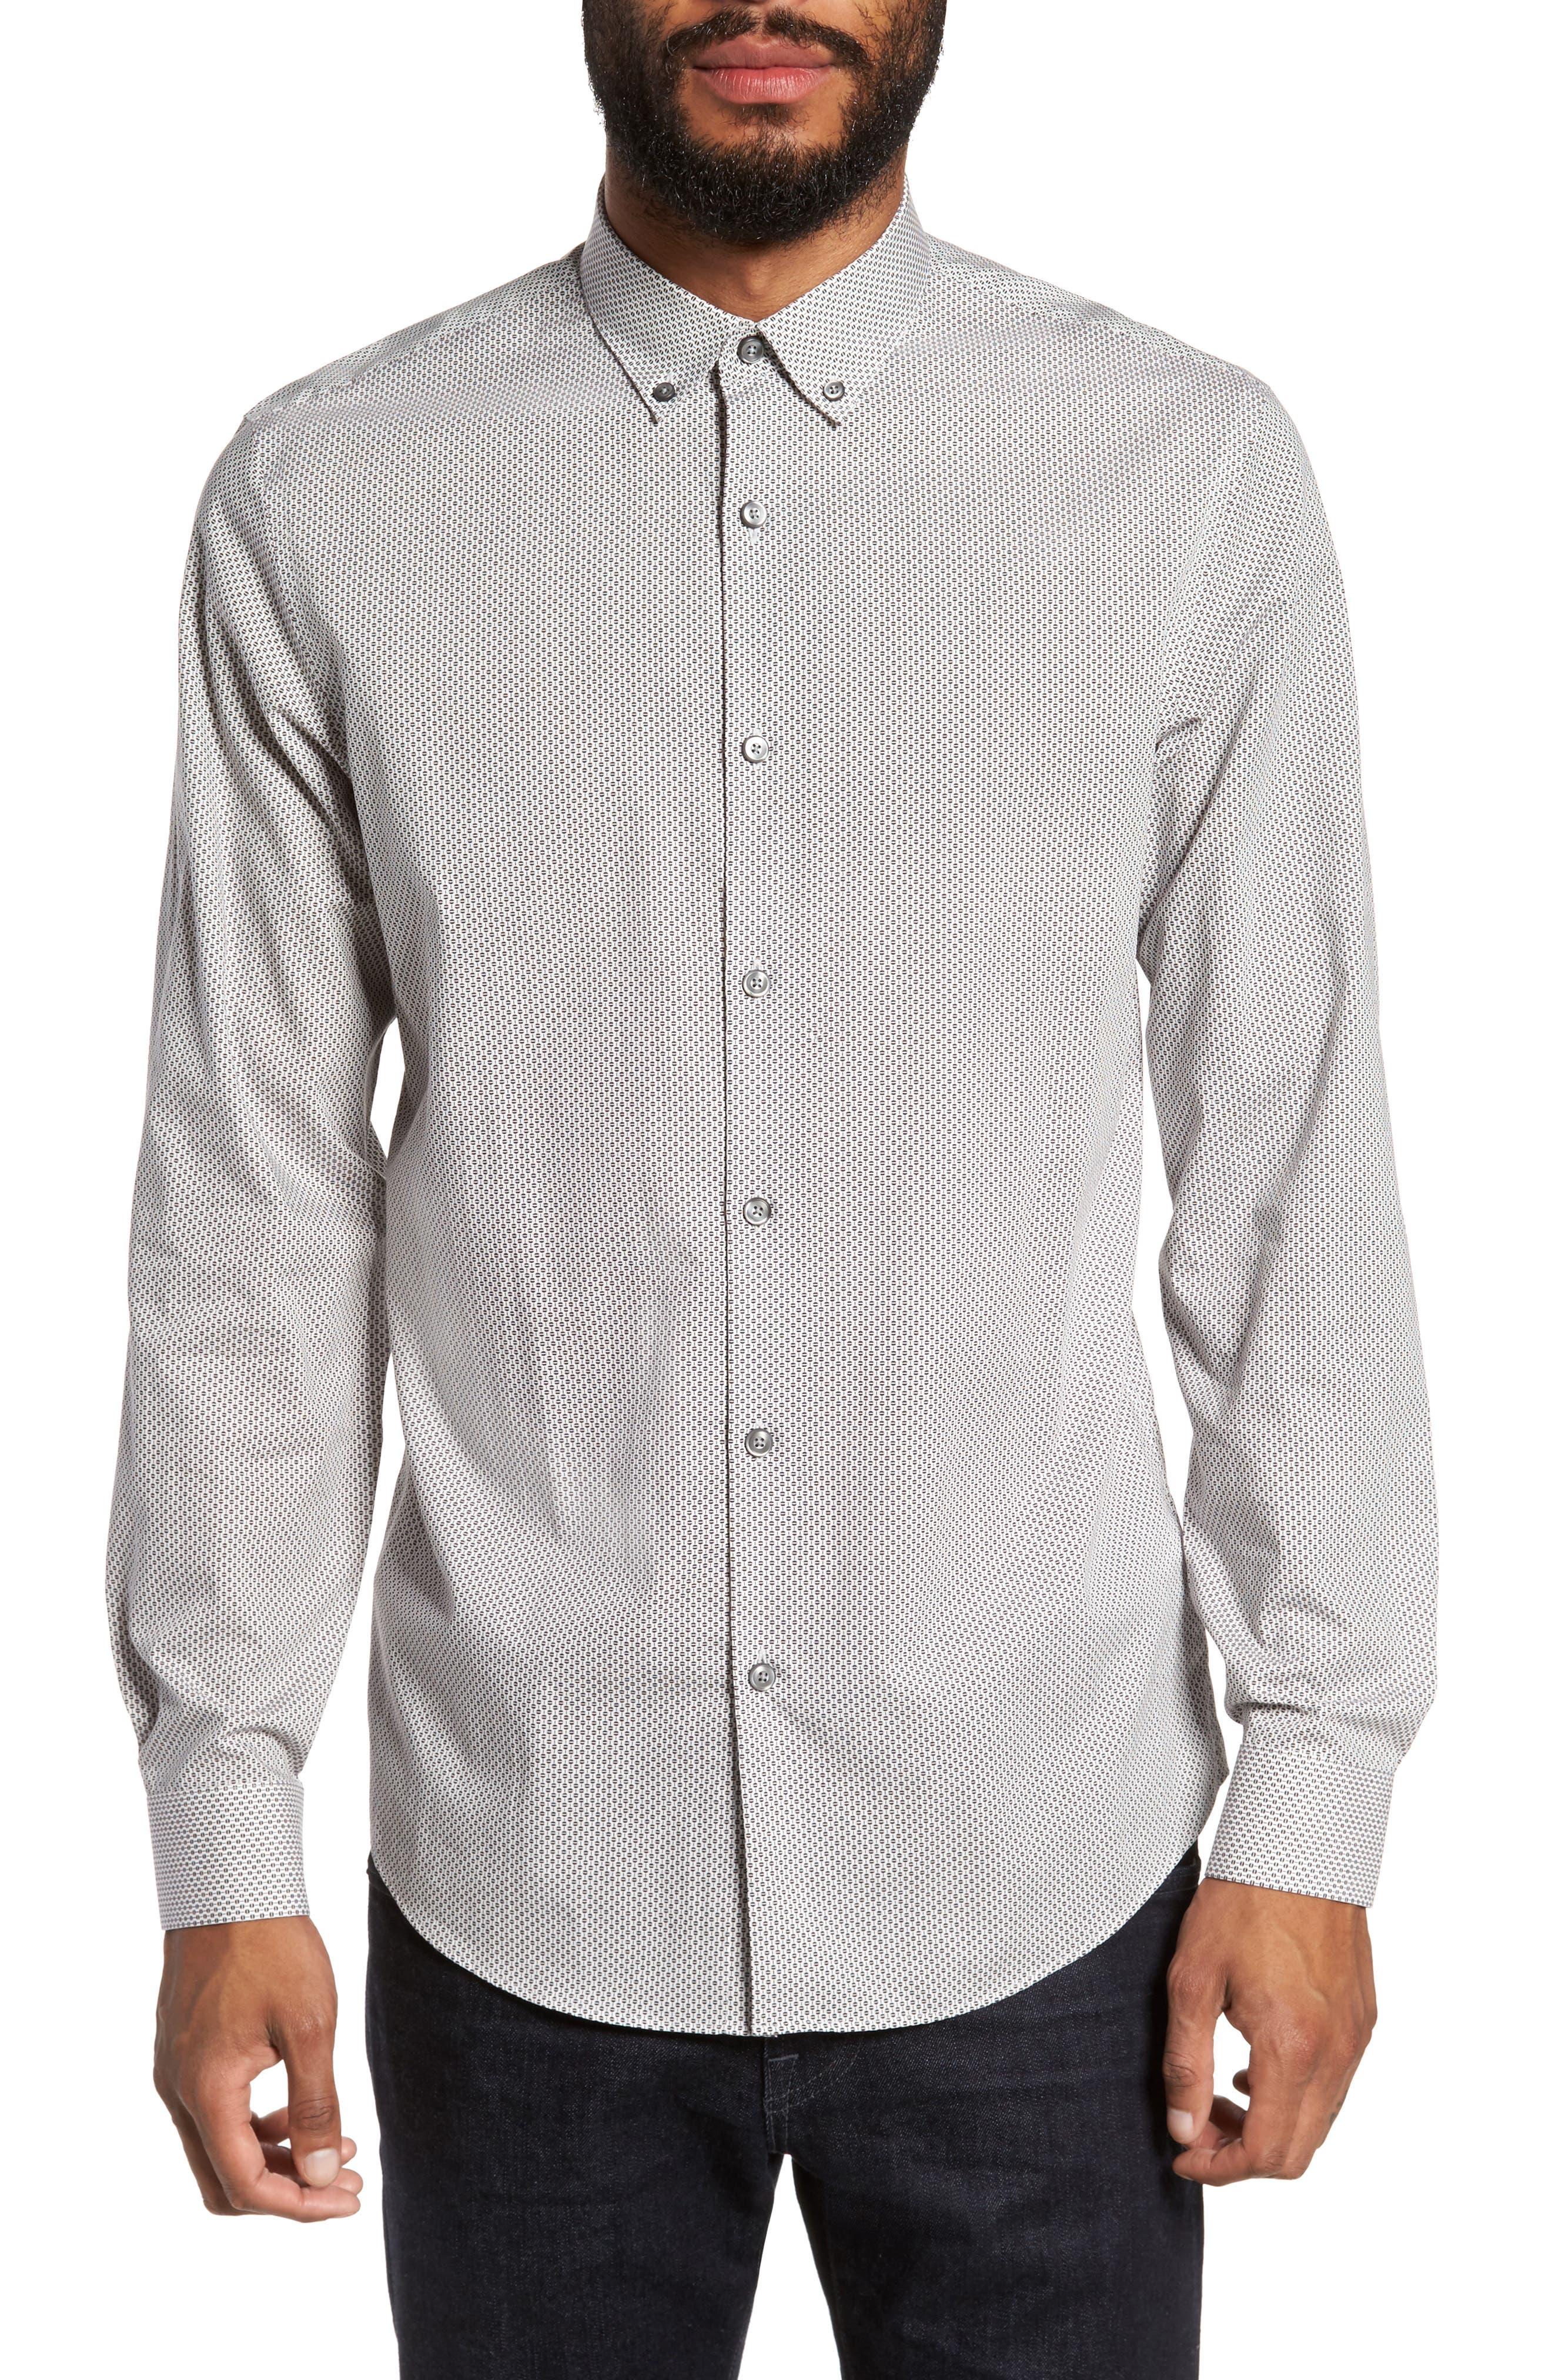 Main Image - Calibrate Trim Fit Print Sport Shirt